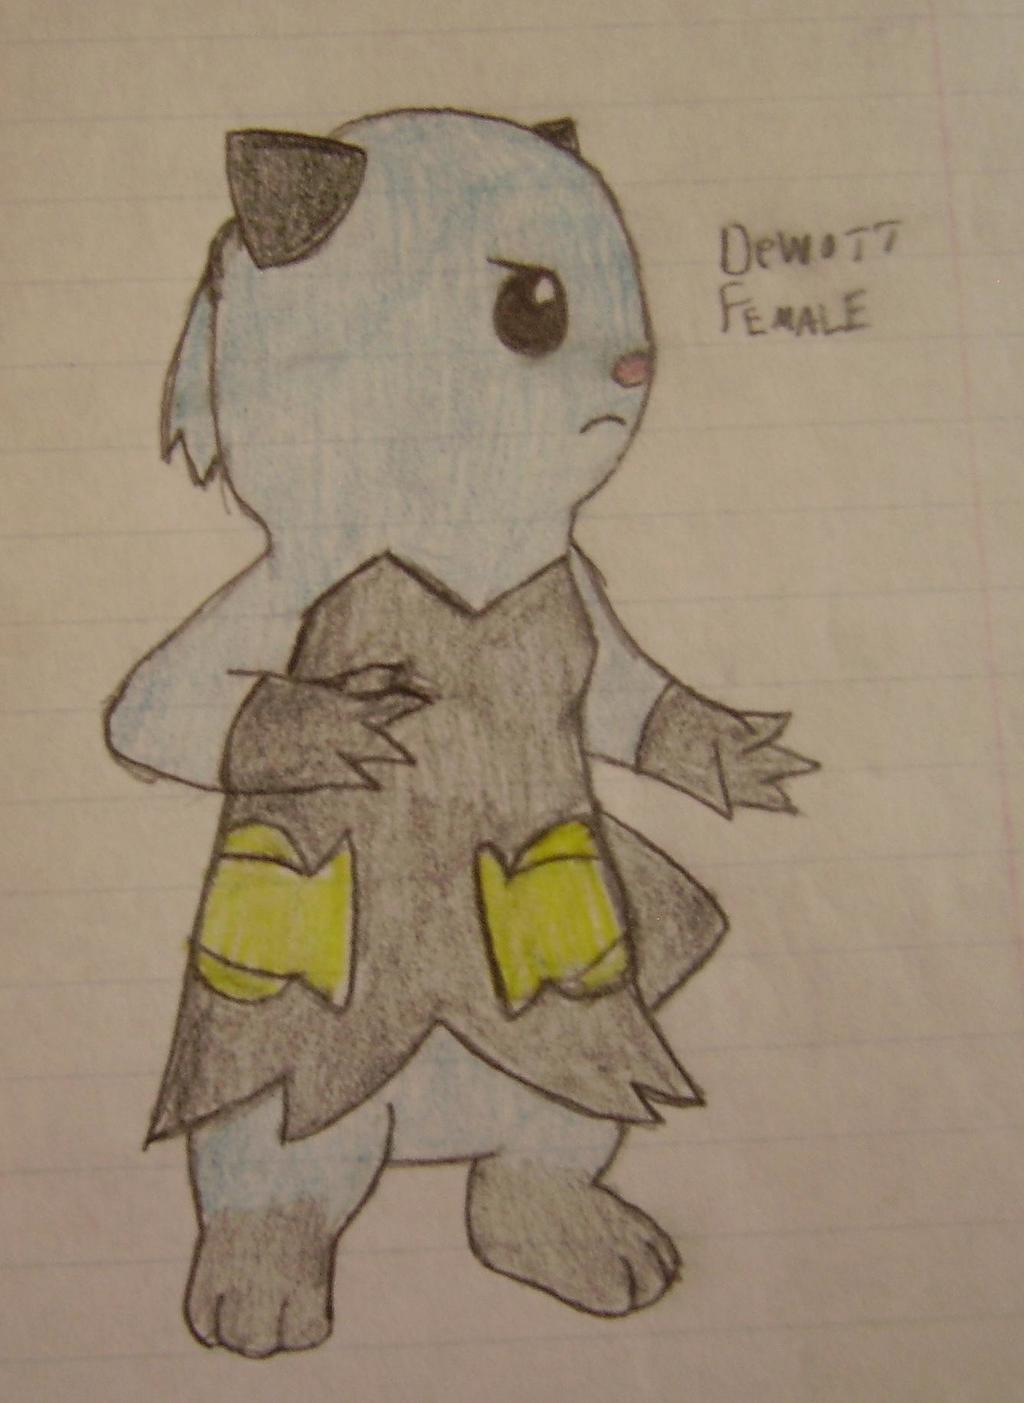 Female Dewott